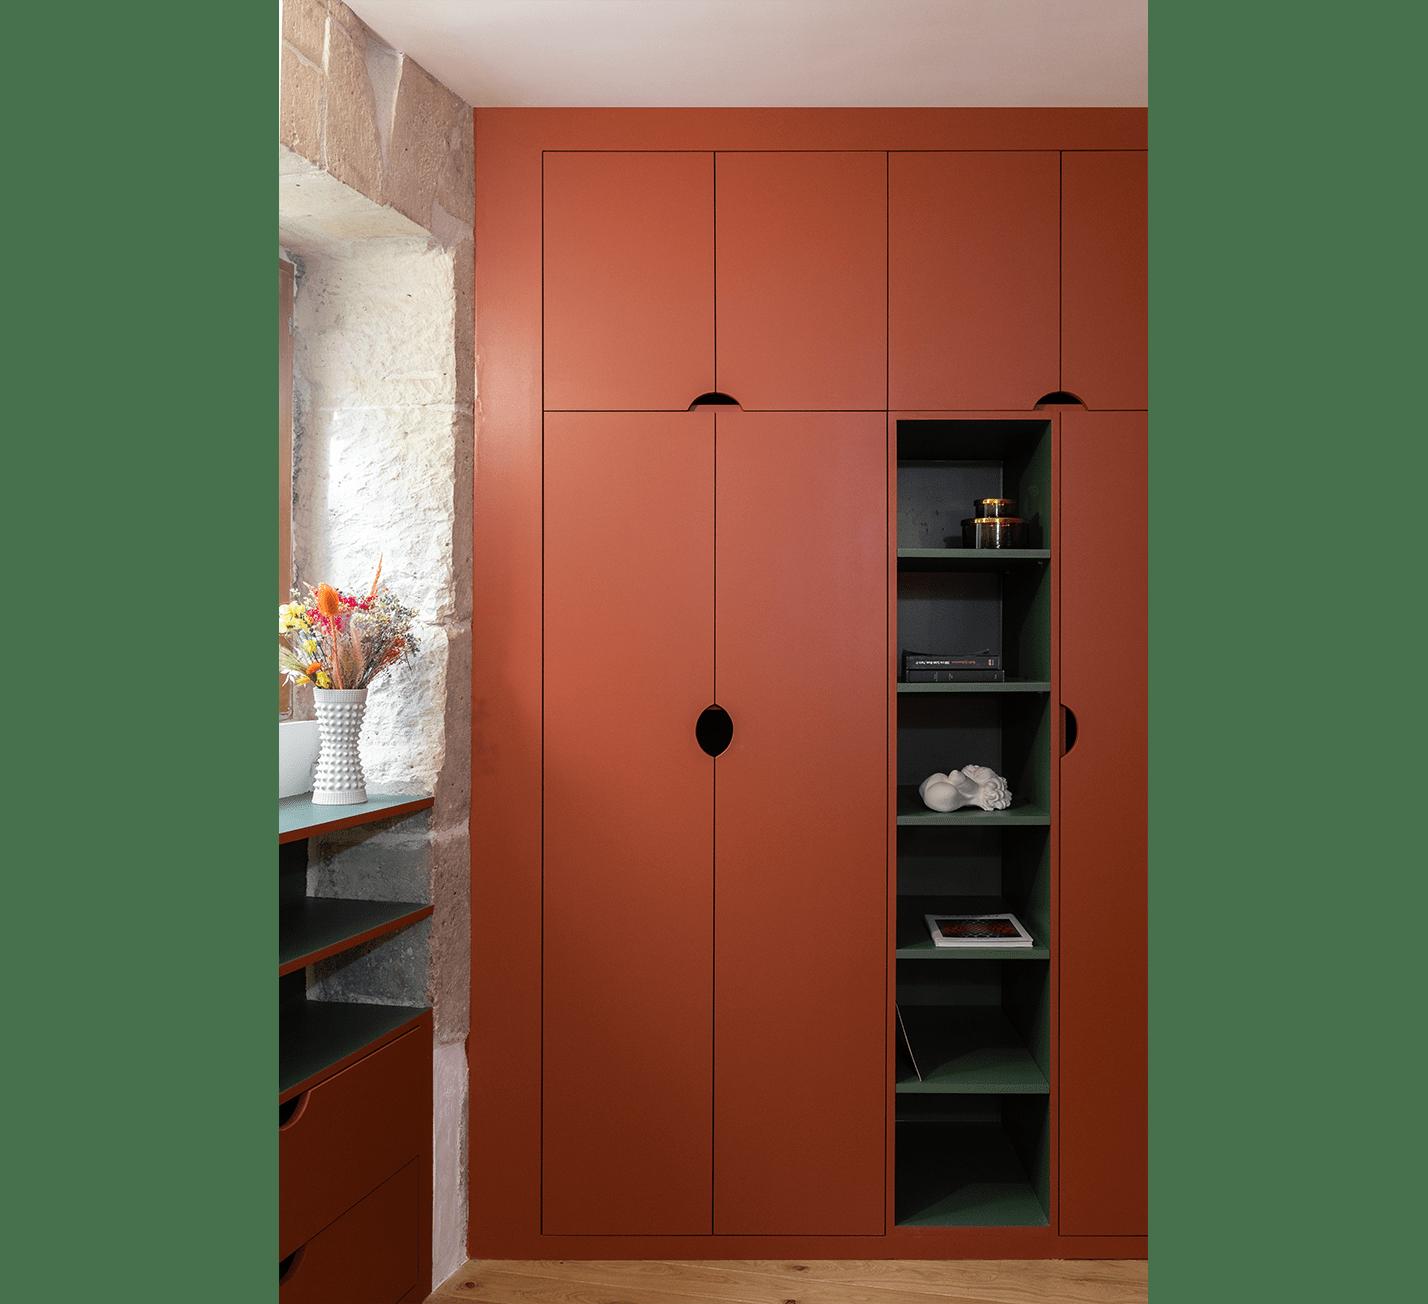 Projet-Gobelins-Atelier-Steve-Pauline-Borgia-Architecte-interieur-08-min